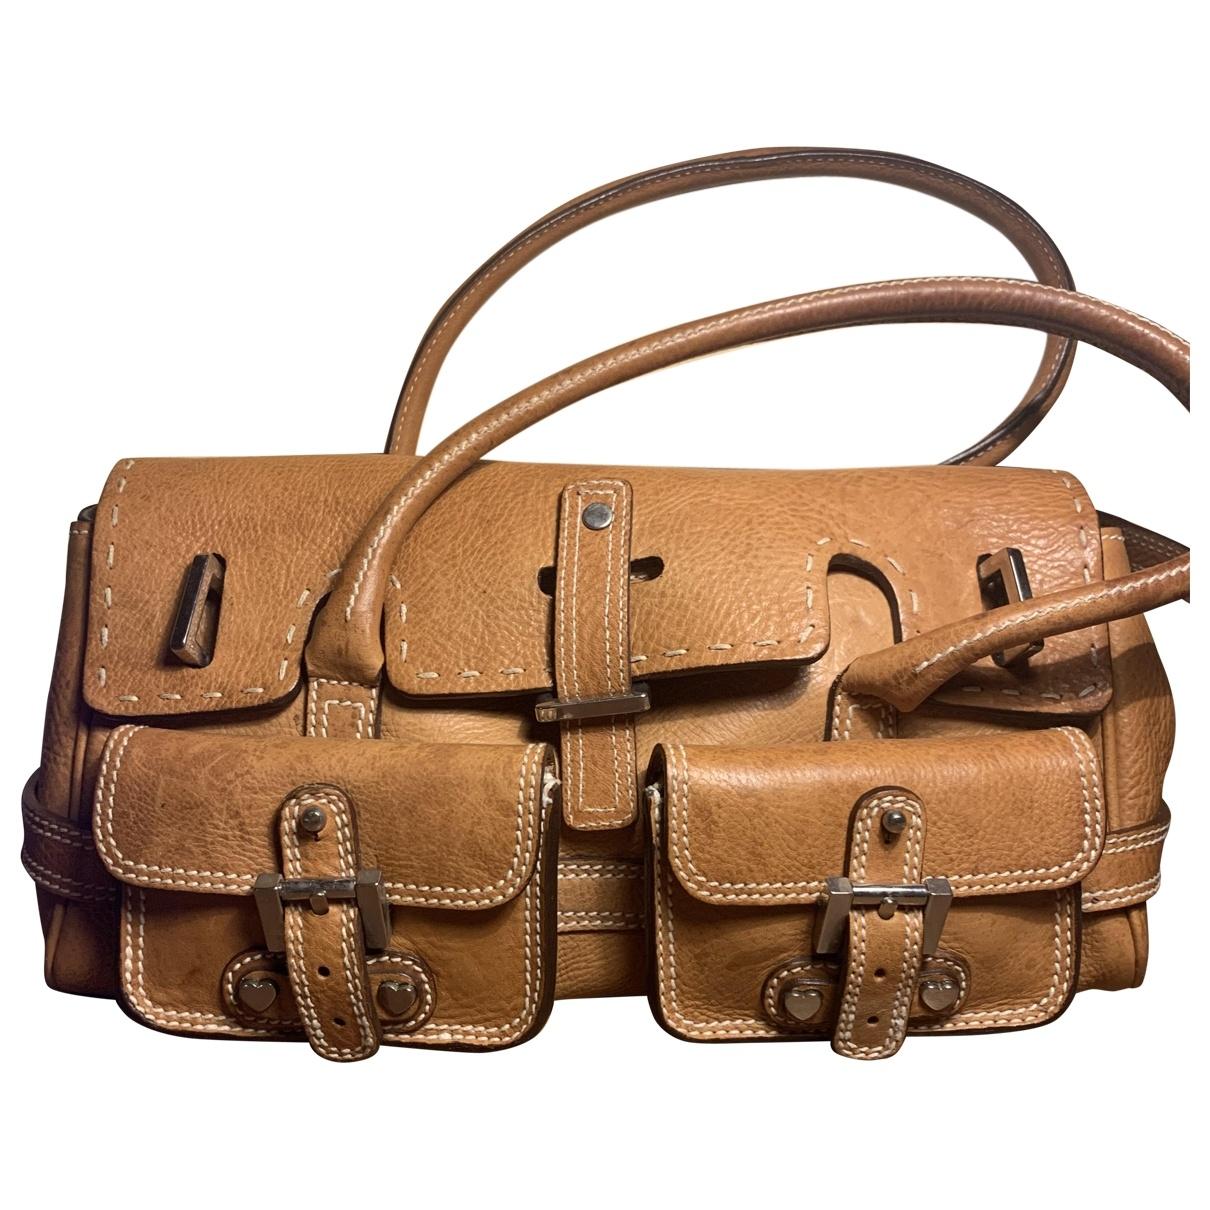 Luella \N Handtasche in  Braun Leder